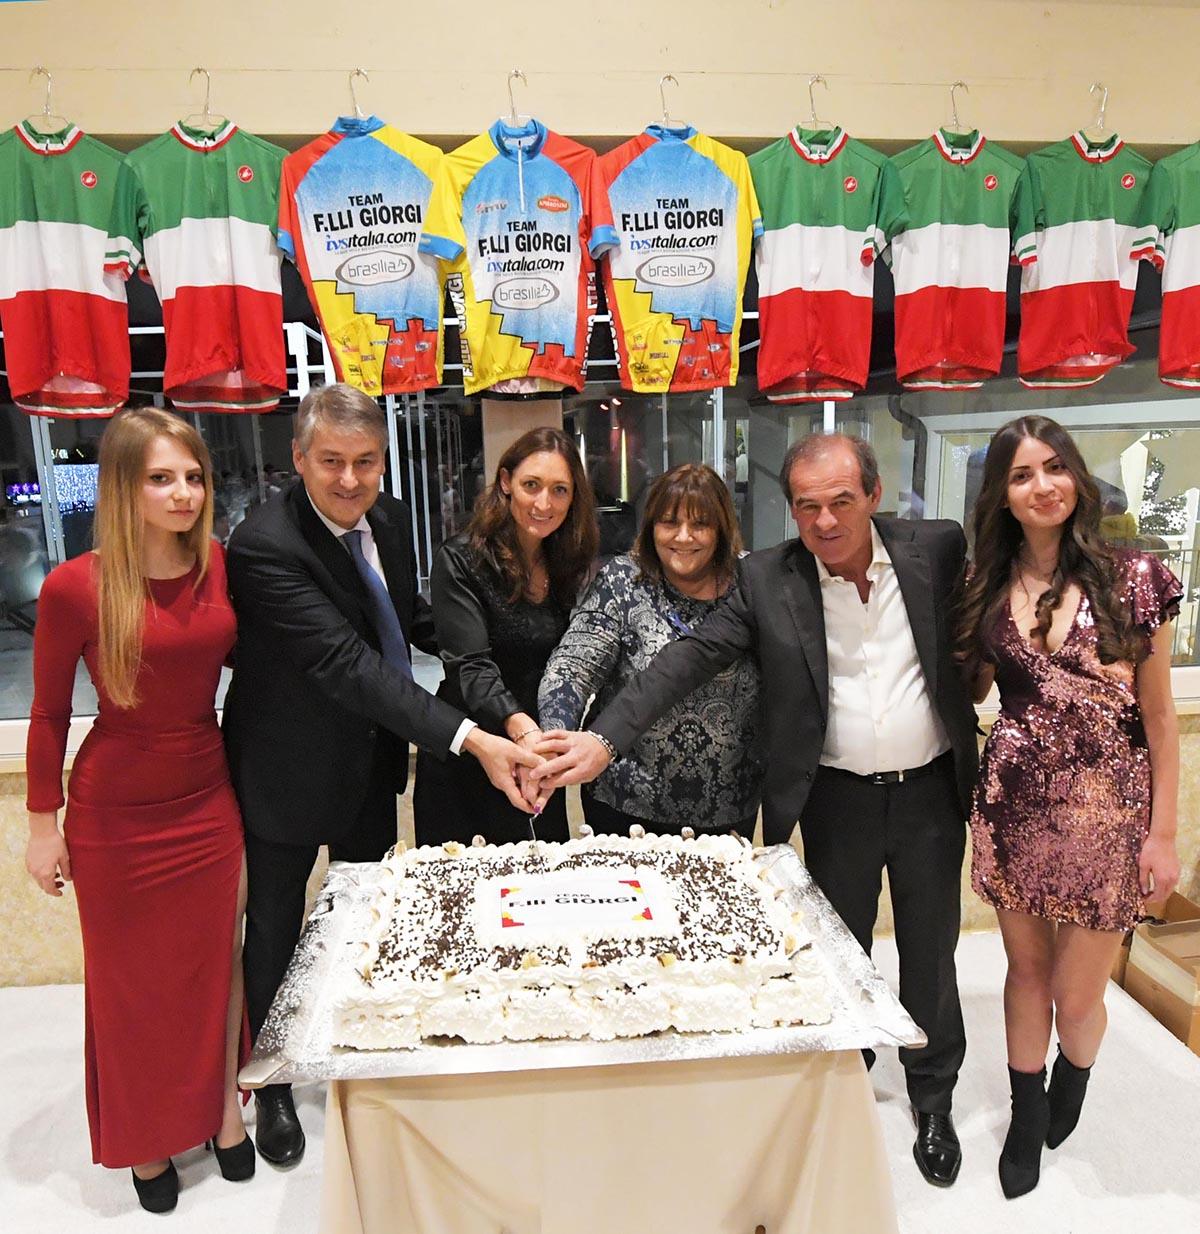 Il taglio della torta del Team F.lli Giorgi